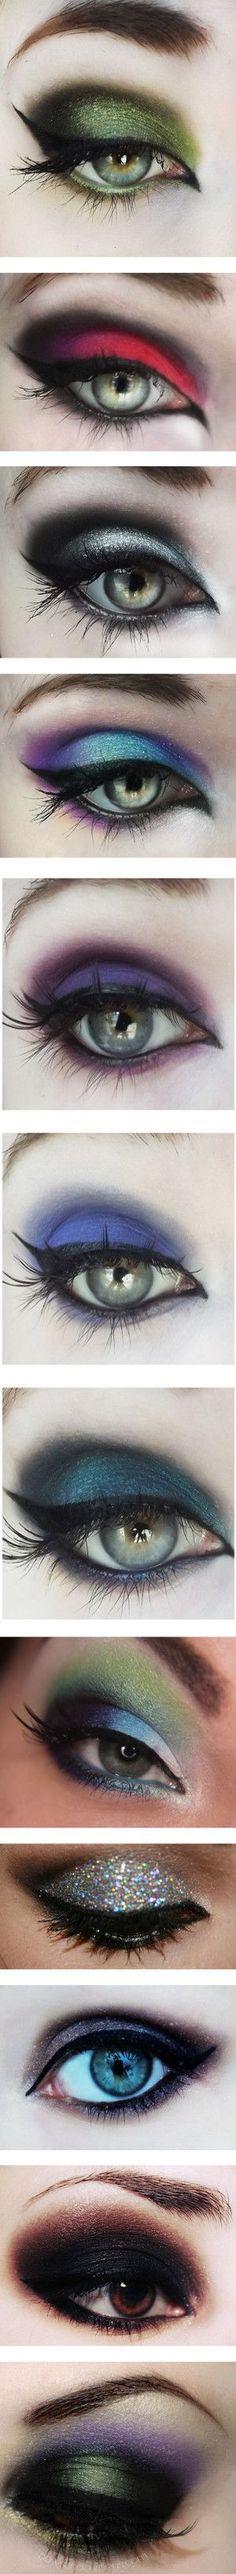 intense eye makeup #beauty #art